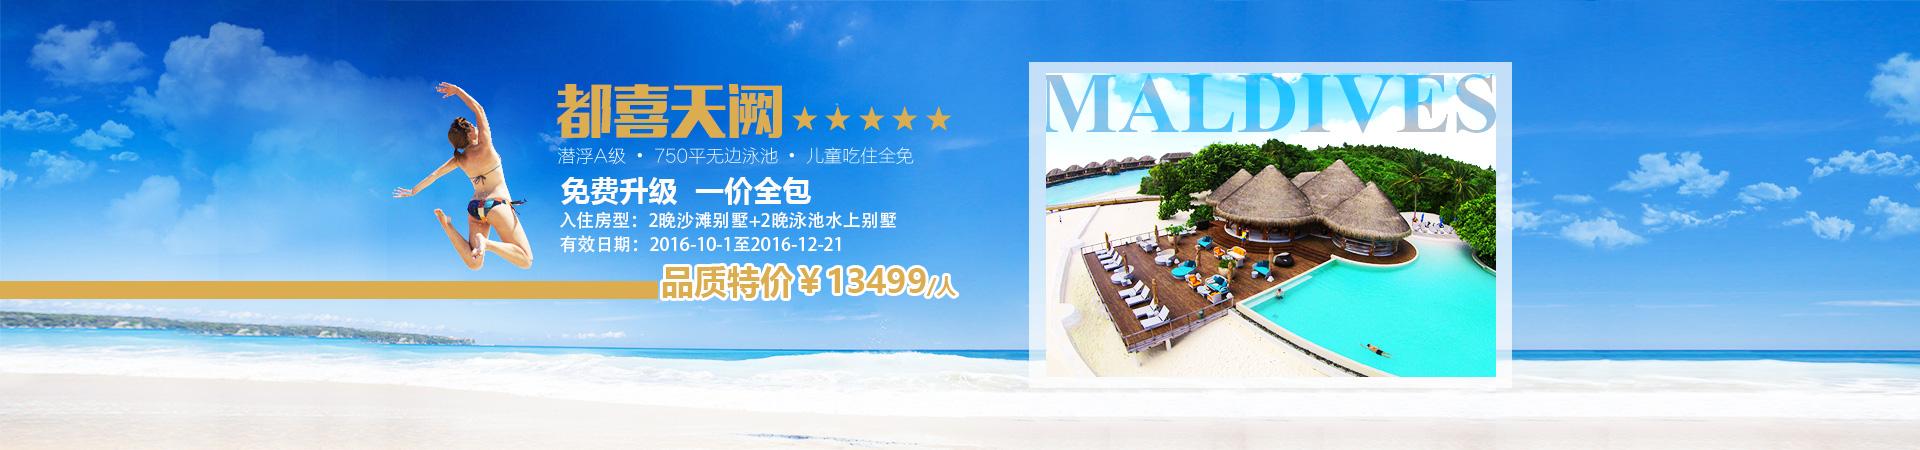 马尔代夫都喜天阙6天4晚自由行 近乎完美的度假之地